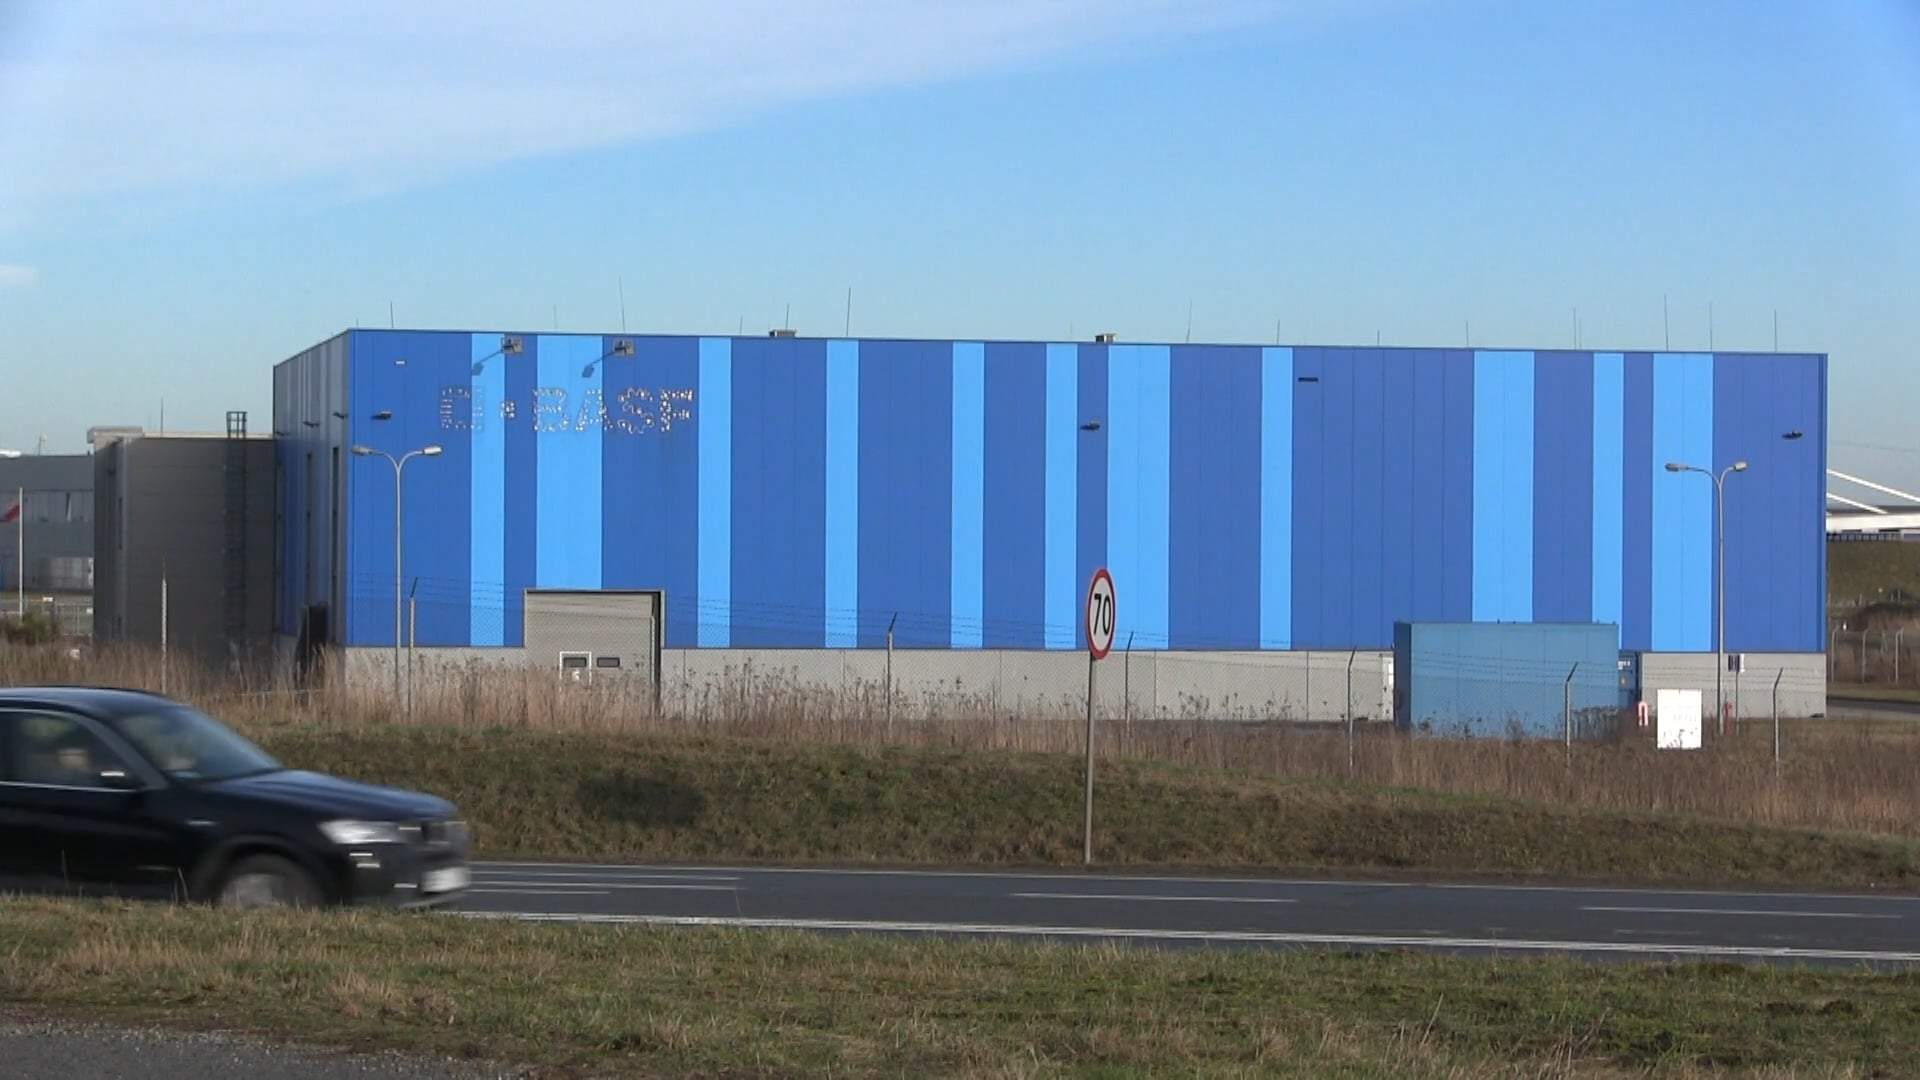 Nie będzie pozwolenia na budowę dla fabryki elektrolitów?